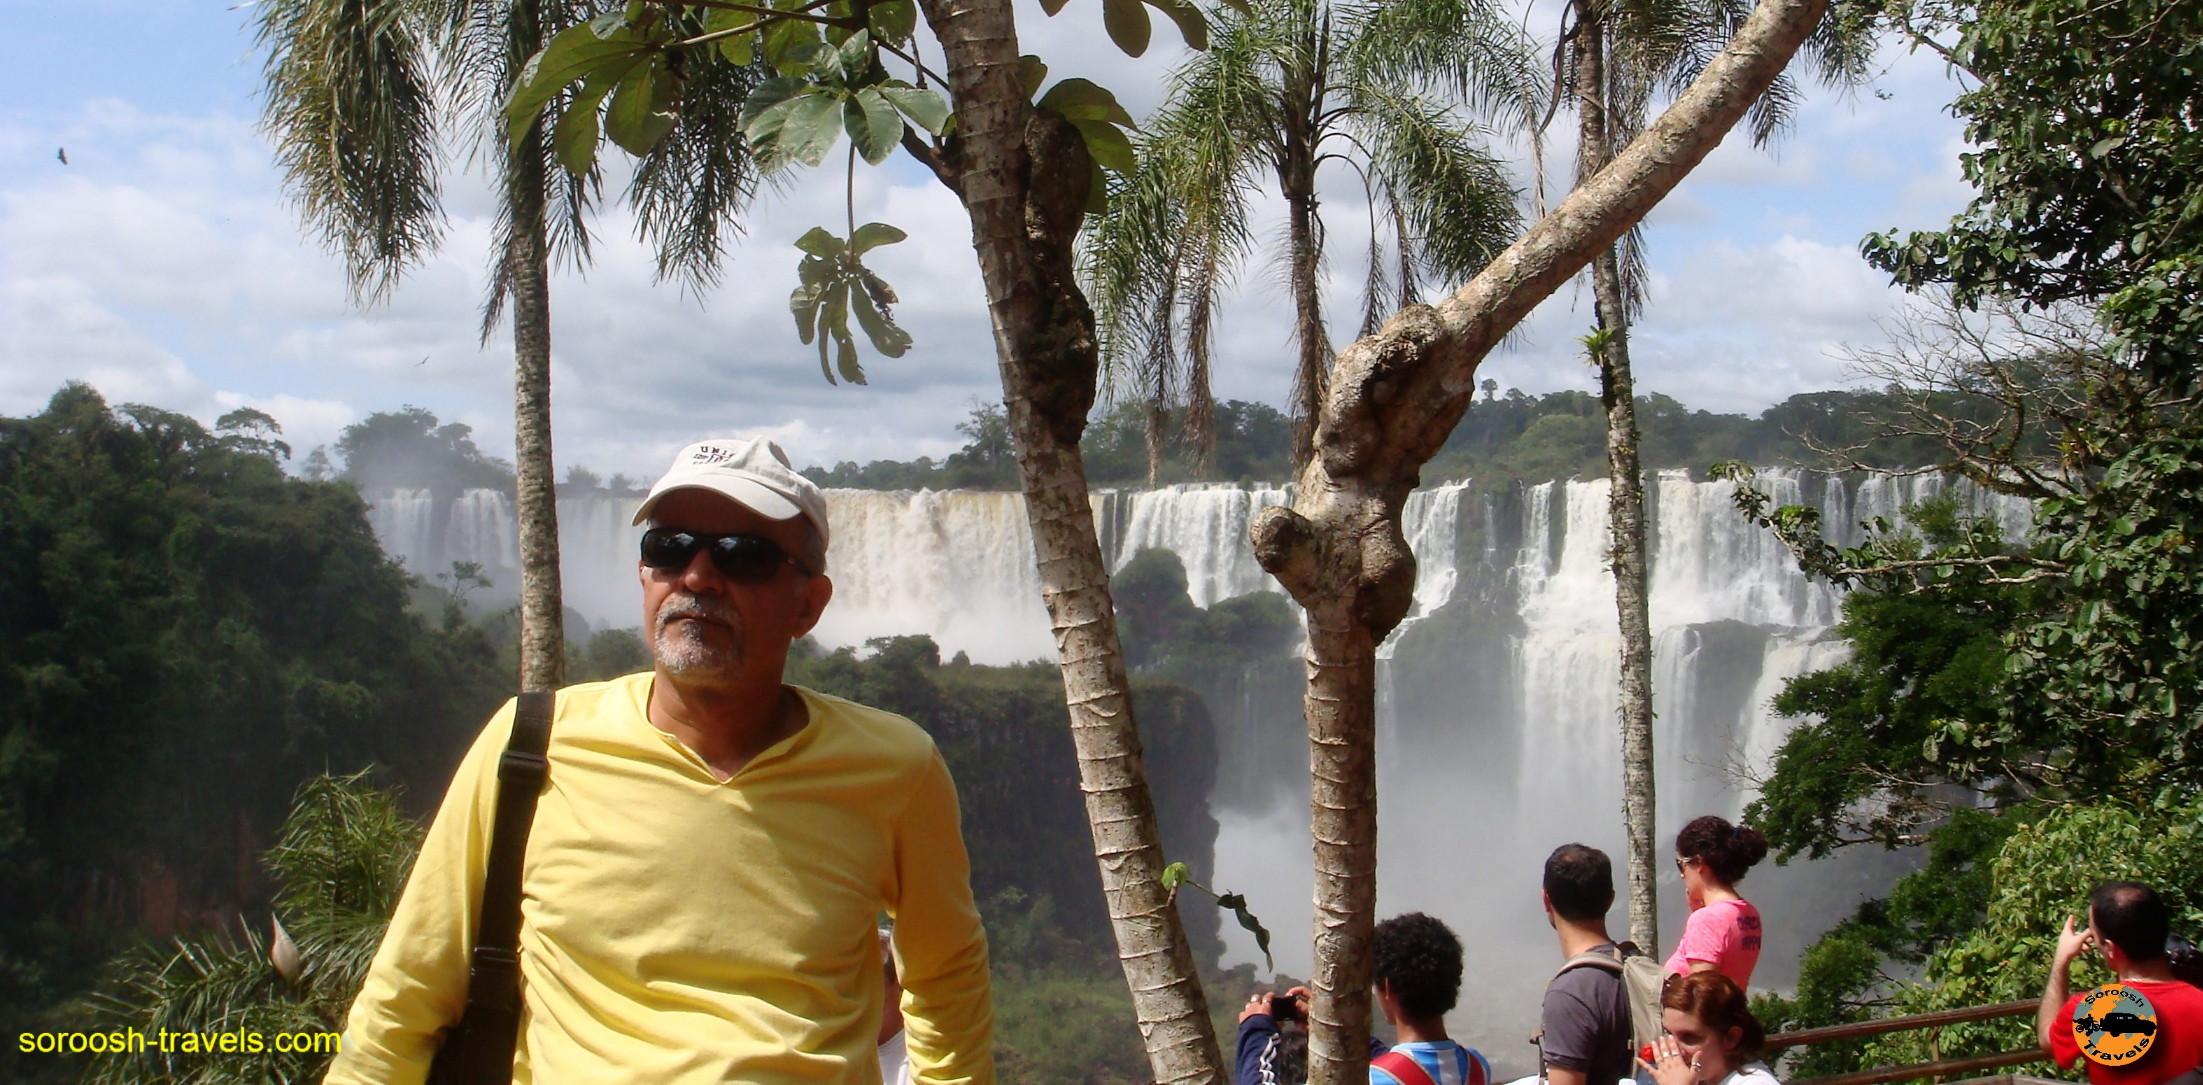 سفر به آرژانتین – مجموعه آبشارهای عظیم ایگوازو – سوم دیماه ۱۳۸۹